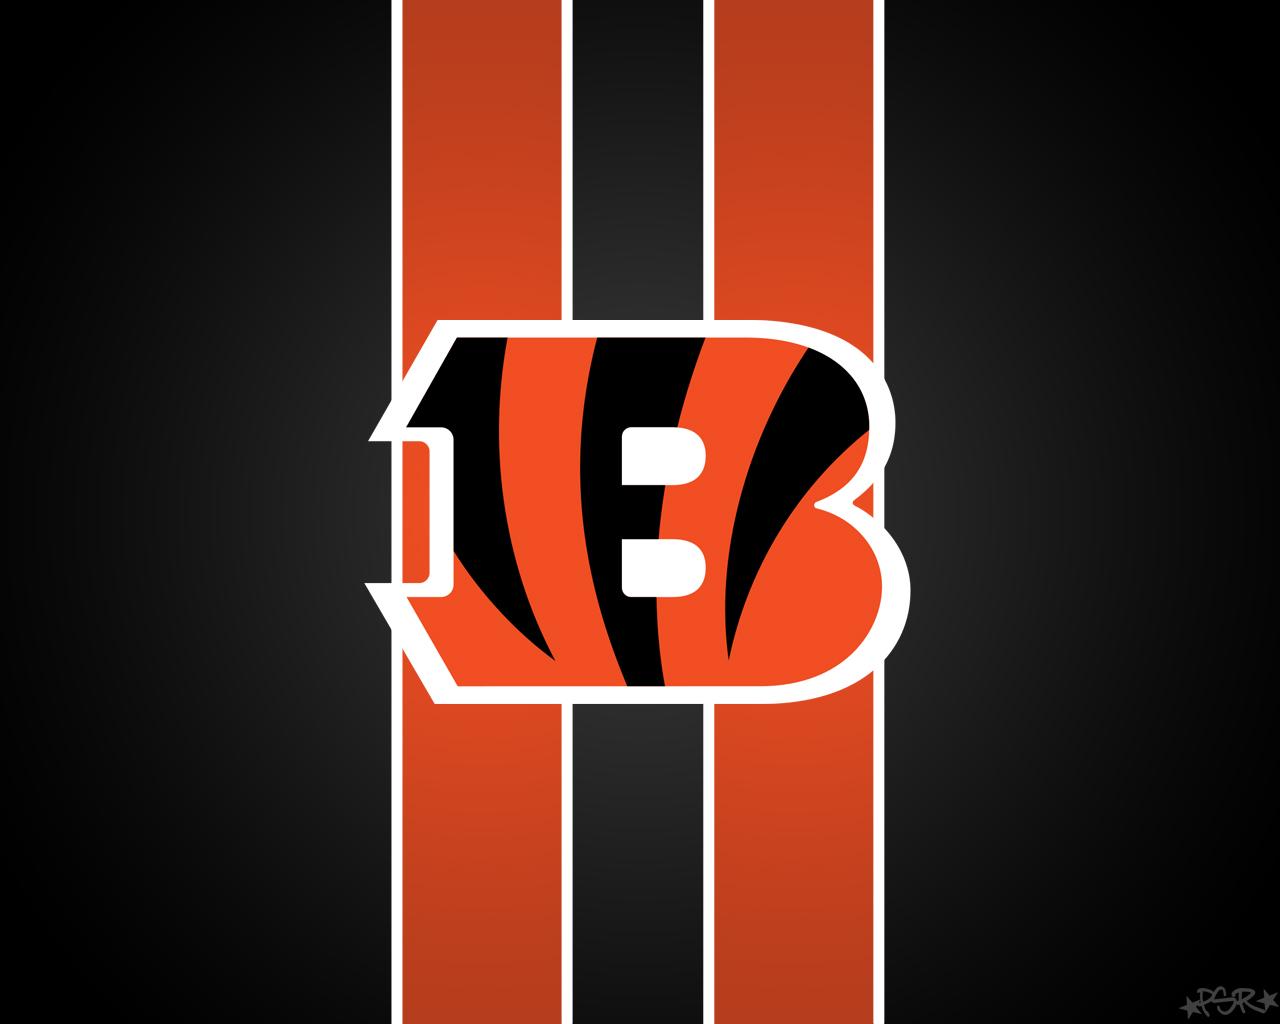 Cincinnati Bengals schedule